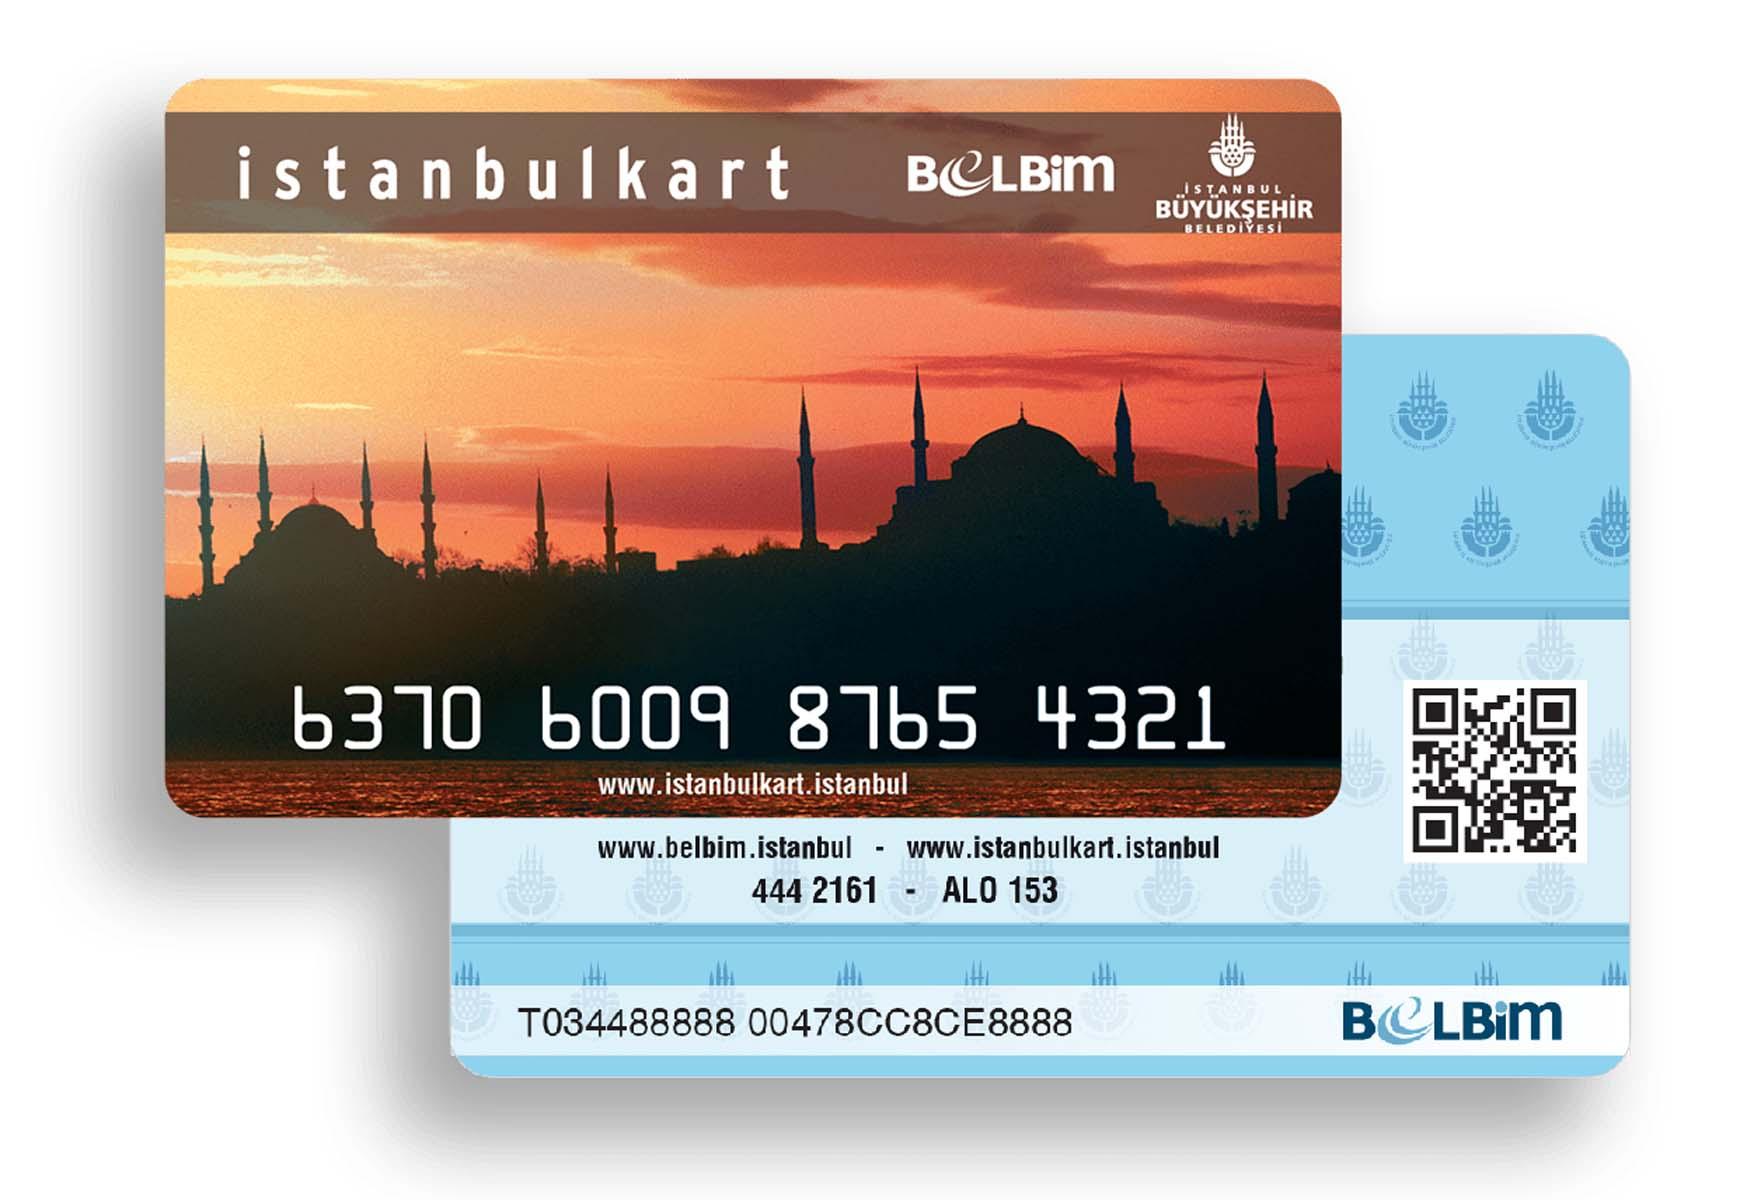 İstanbulkart HES kodu eşleştirme nasıl yapılır? İstanbulkart HES kodu yükleme, tanımlama, kişiselleştirme ekranı